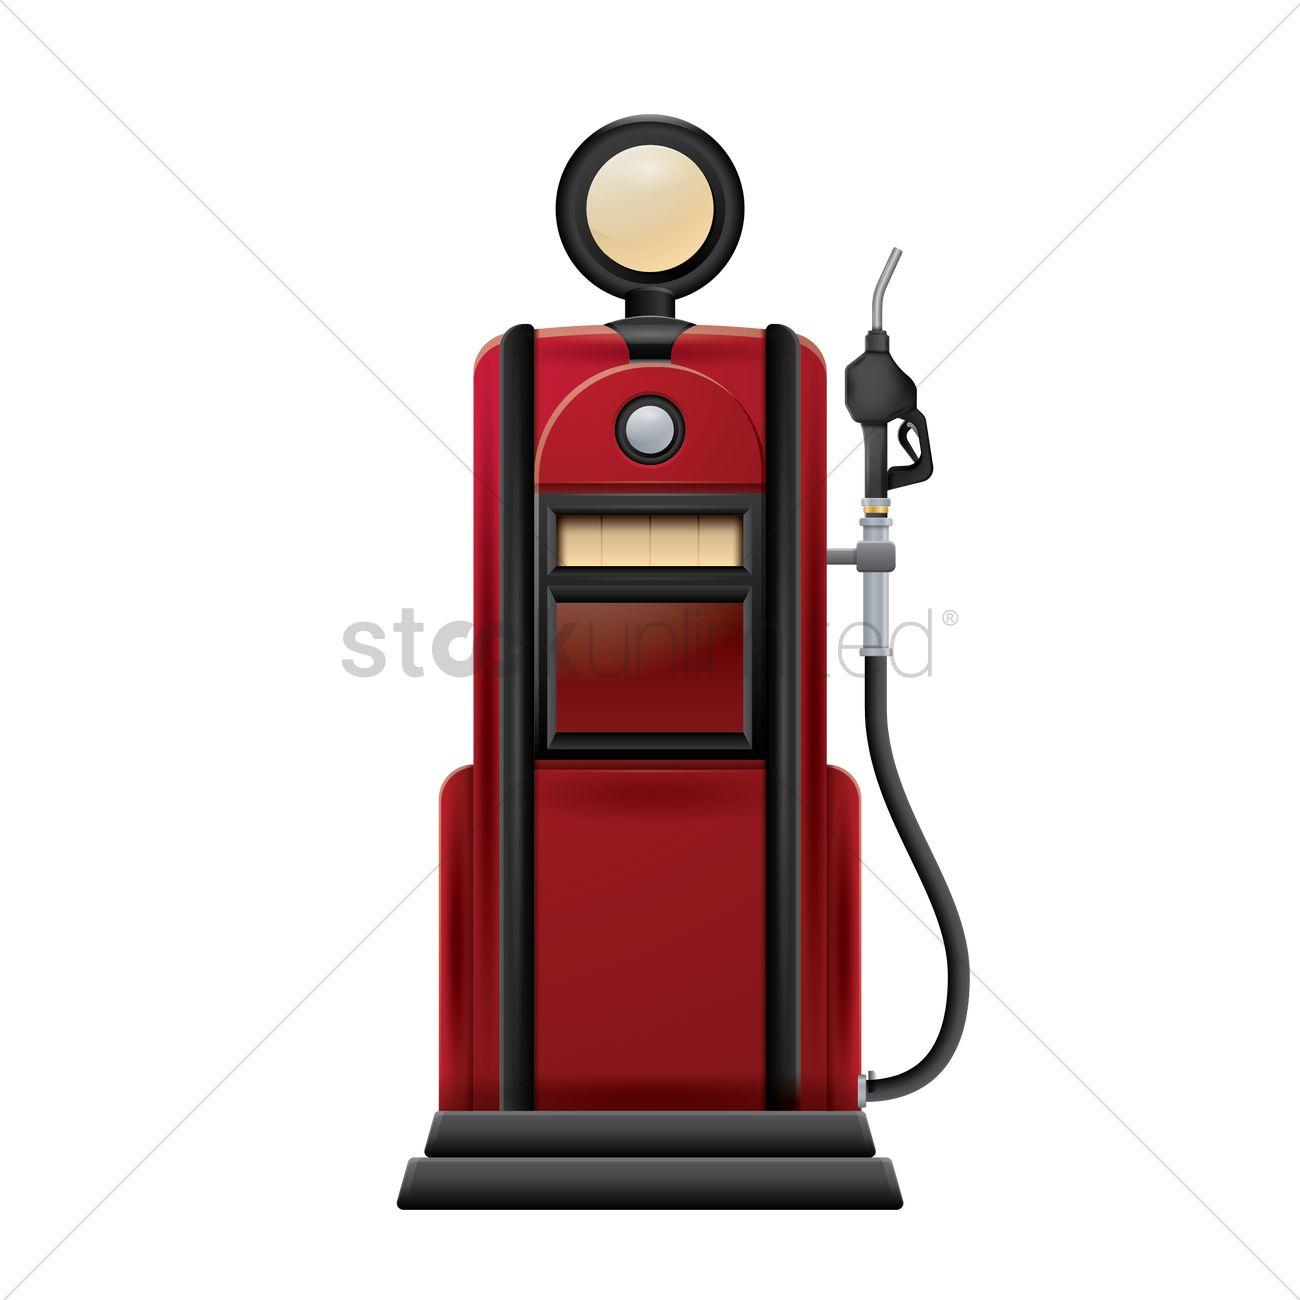 1300x1300 Vintage Retro Gas Pump Petrol Fuel Gasoline Pump Pumps Classic